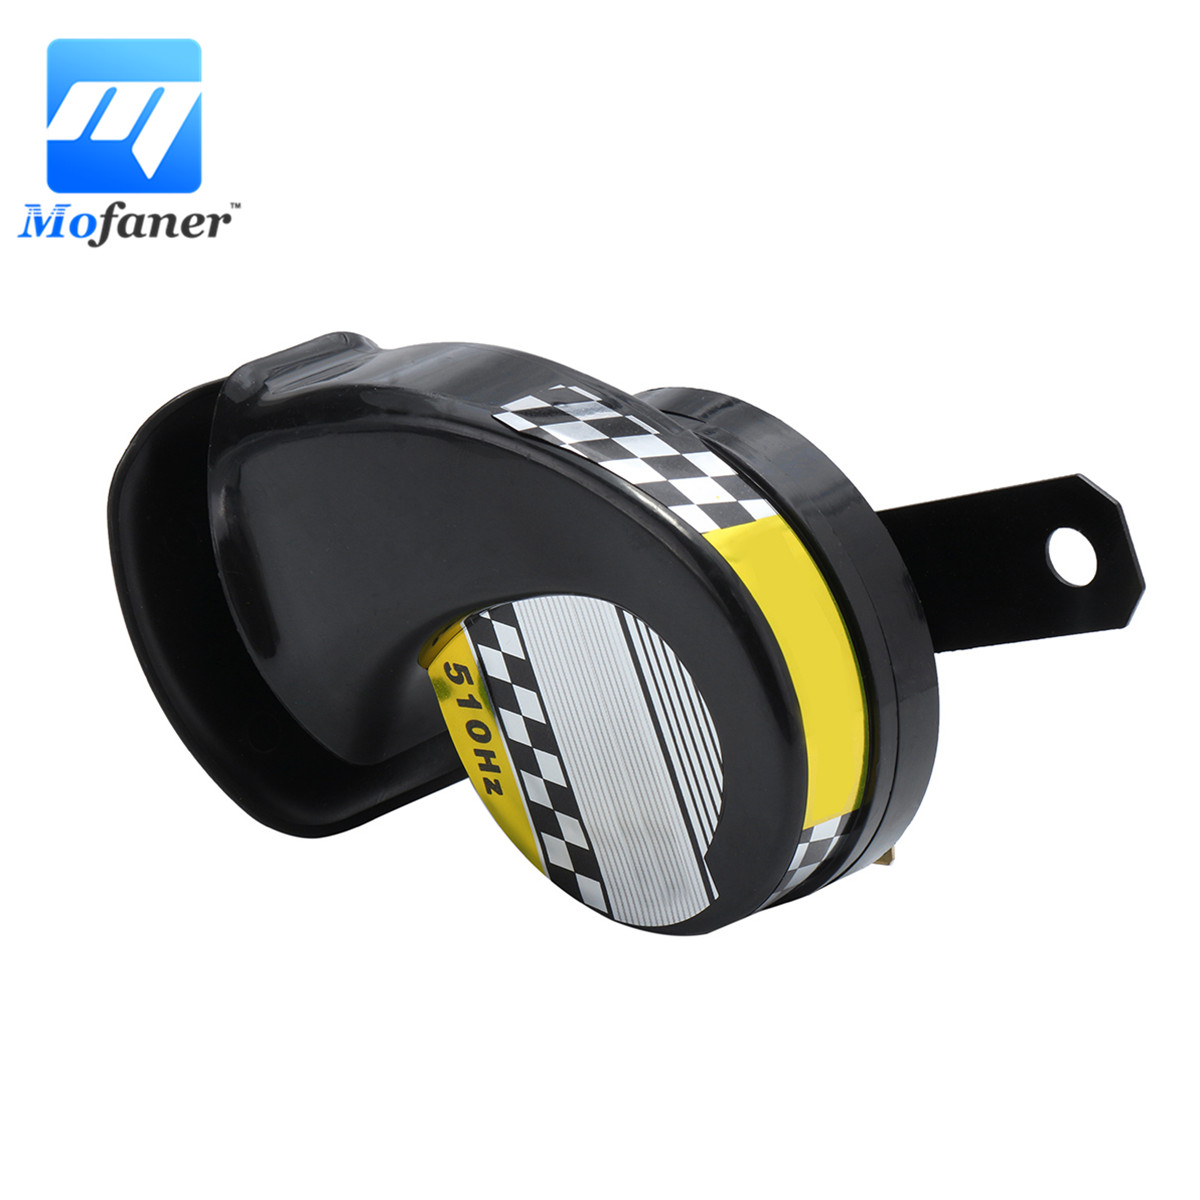 Mofaner 12 v Universal Schnecke Luft Motorrad Horn Sirene Laut 130dB Wasserdicht Für Lkw Motorrad